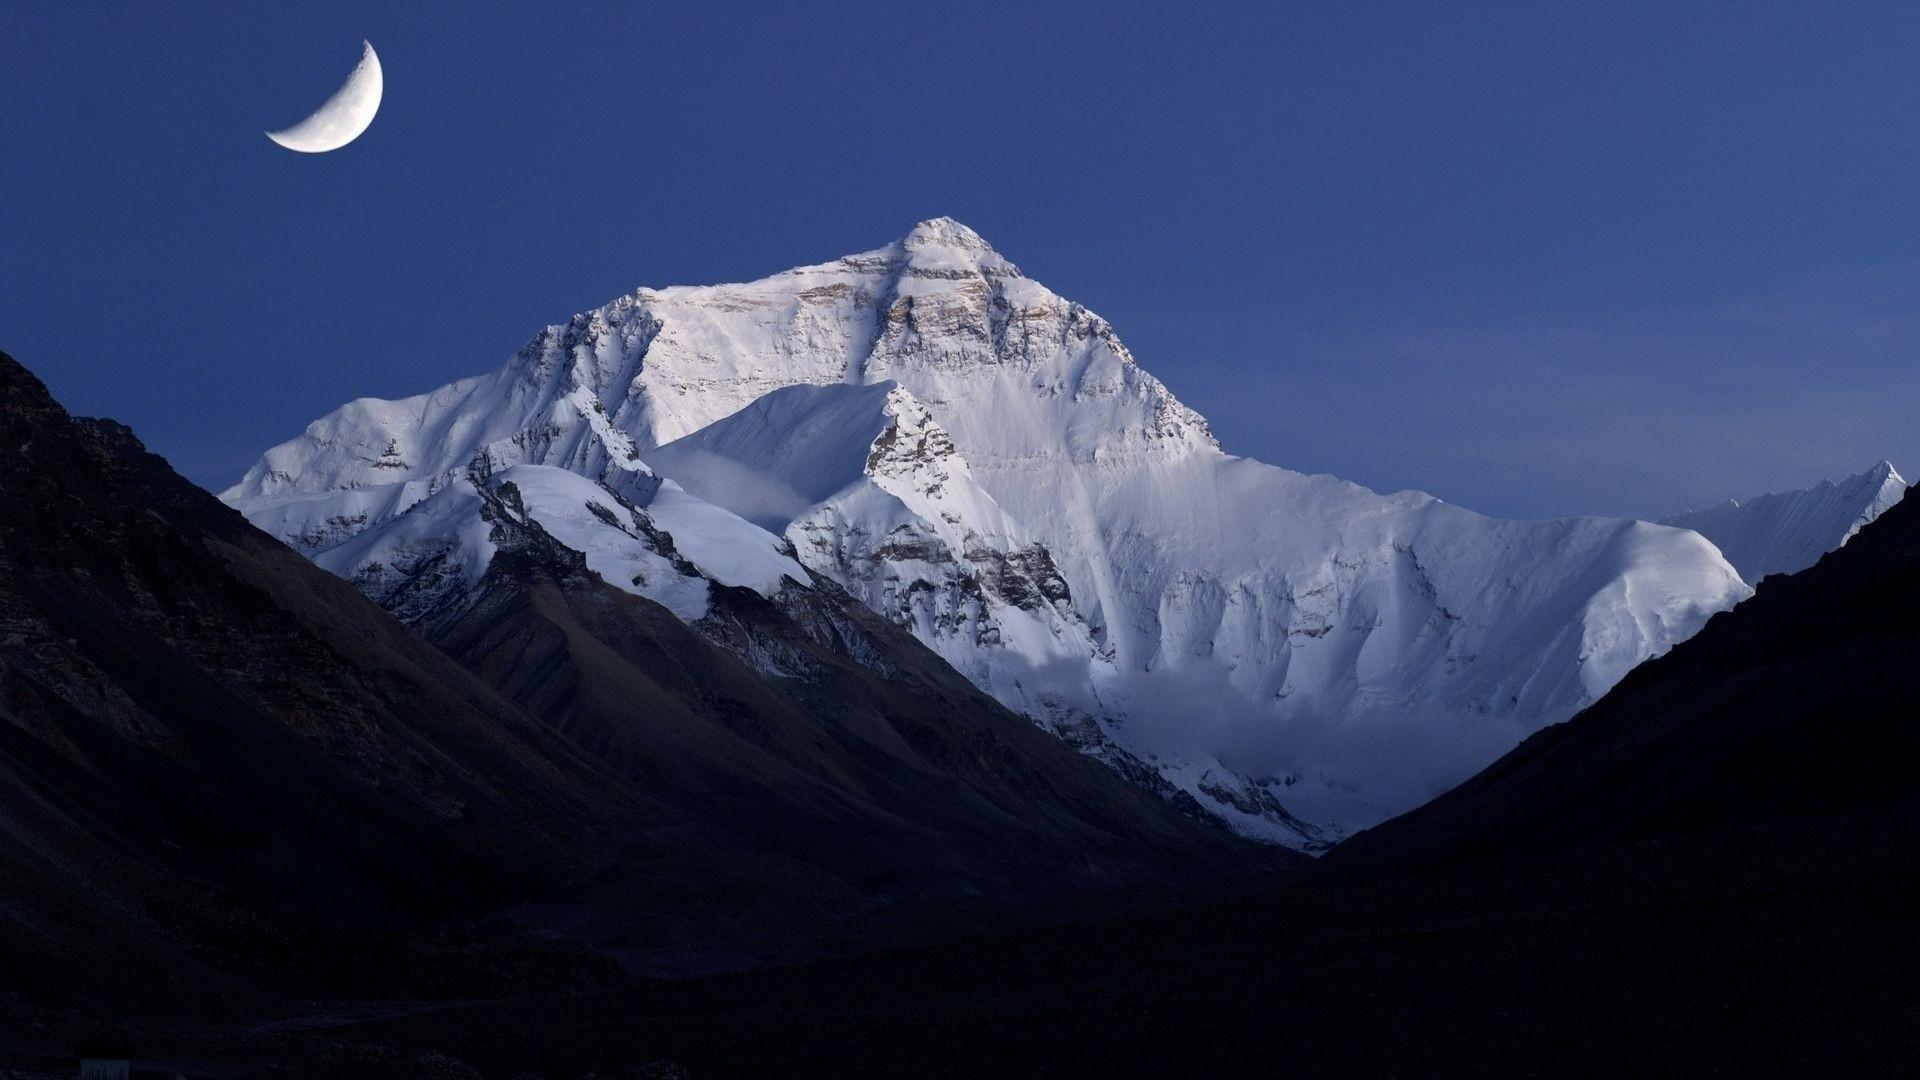 Everest computer wallpaper